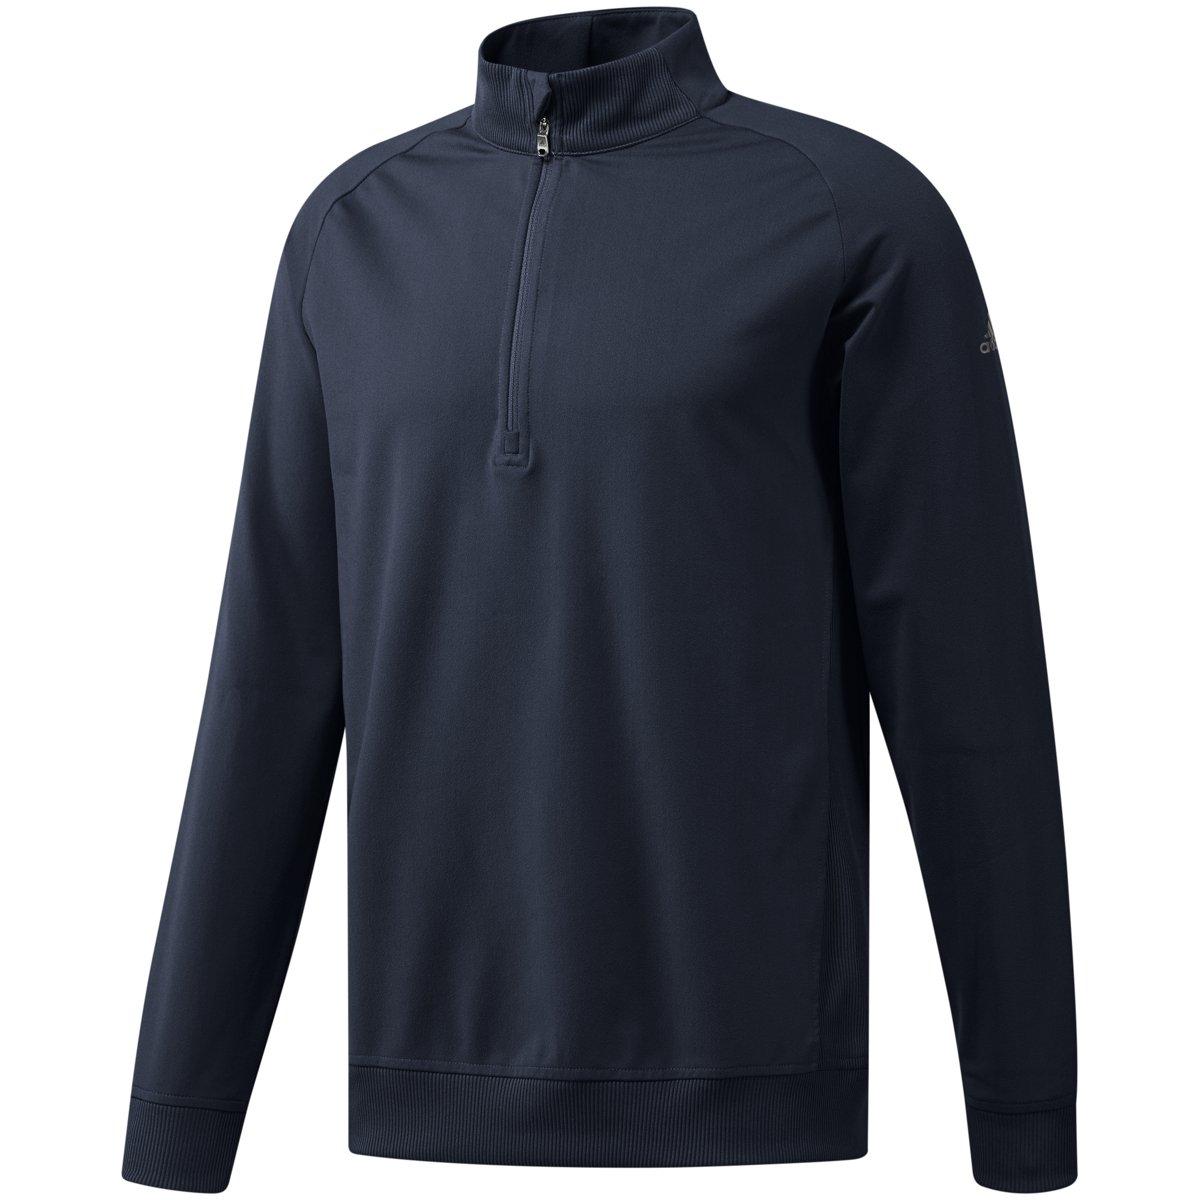 adidas Golf Men's Classic Club 1/4 Zip Pullover Jacket, Collegiate Navy, Medium